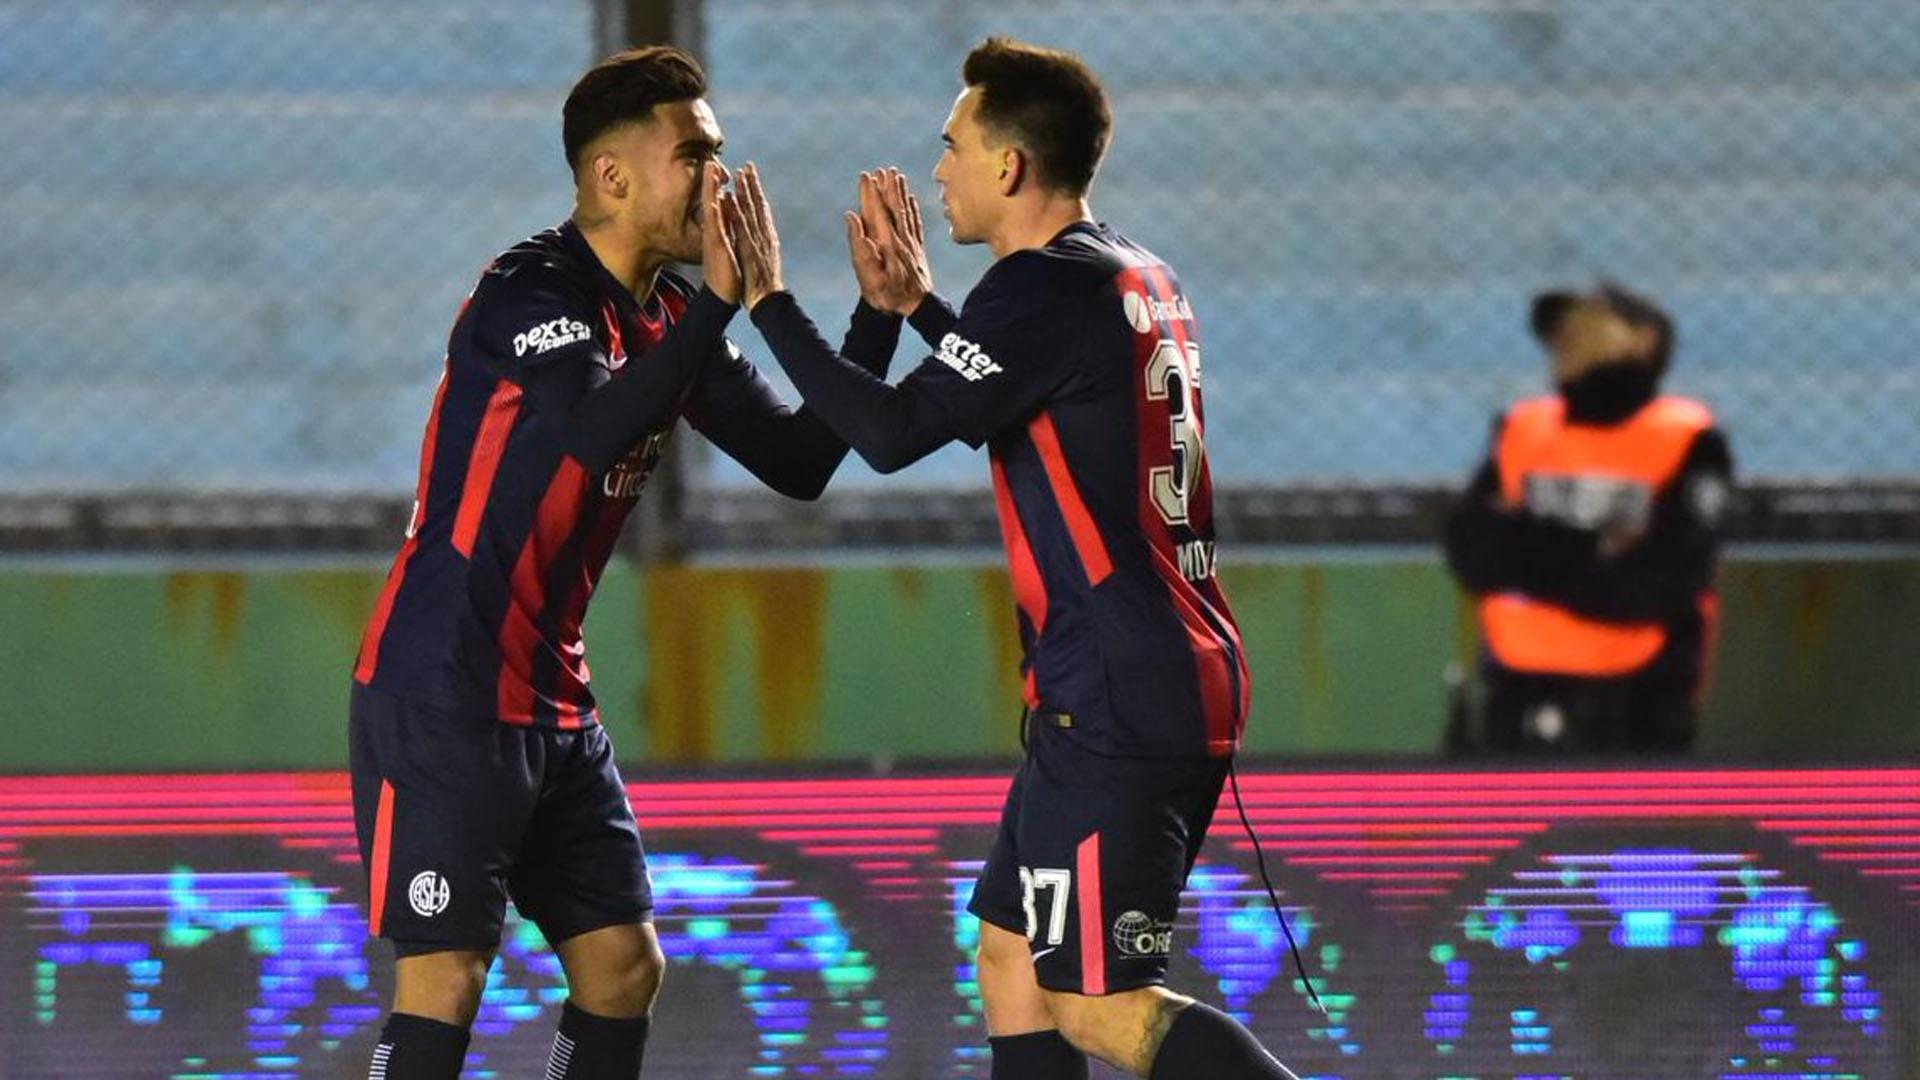 San Lorenzo disputa la segunda fase de la Copa Sudamericana (@SanLorenzo)